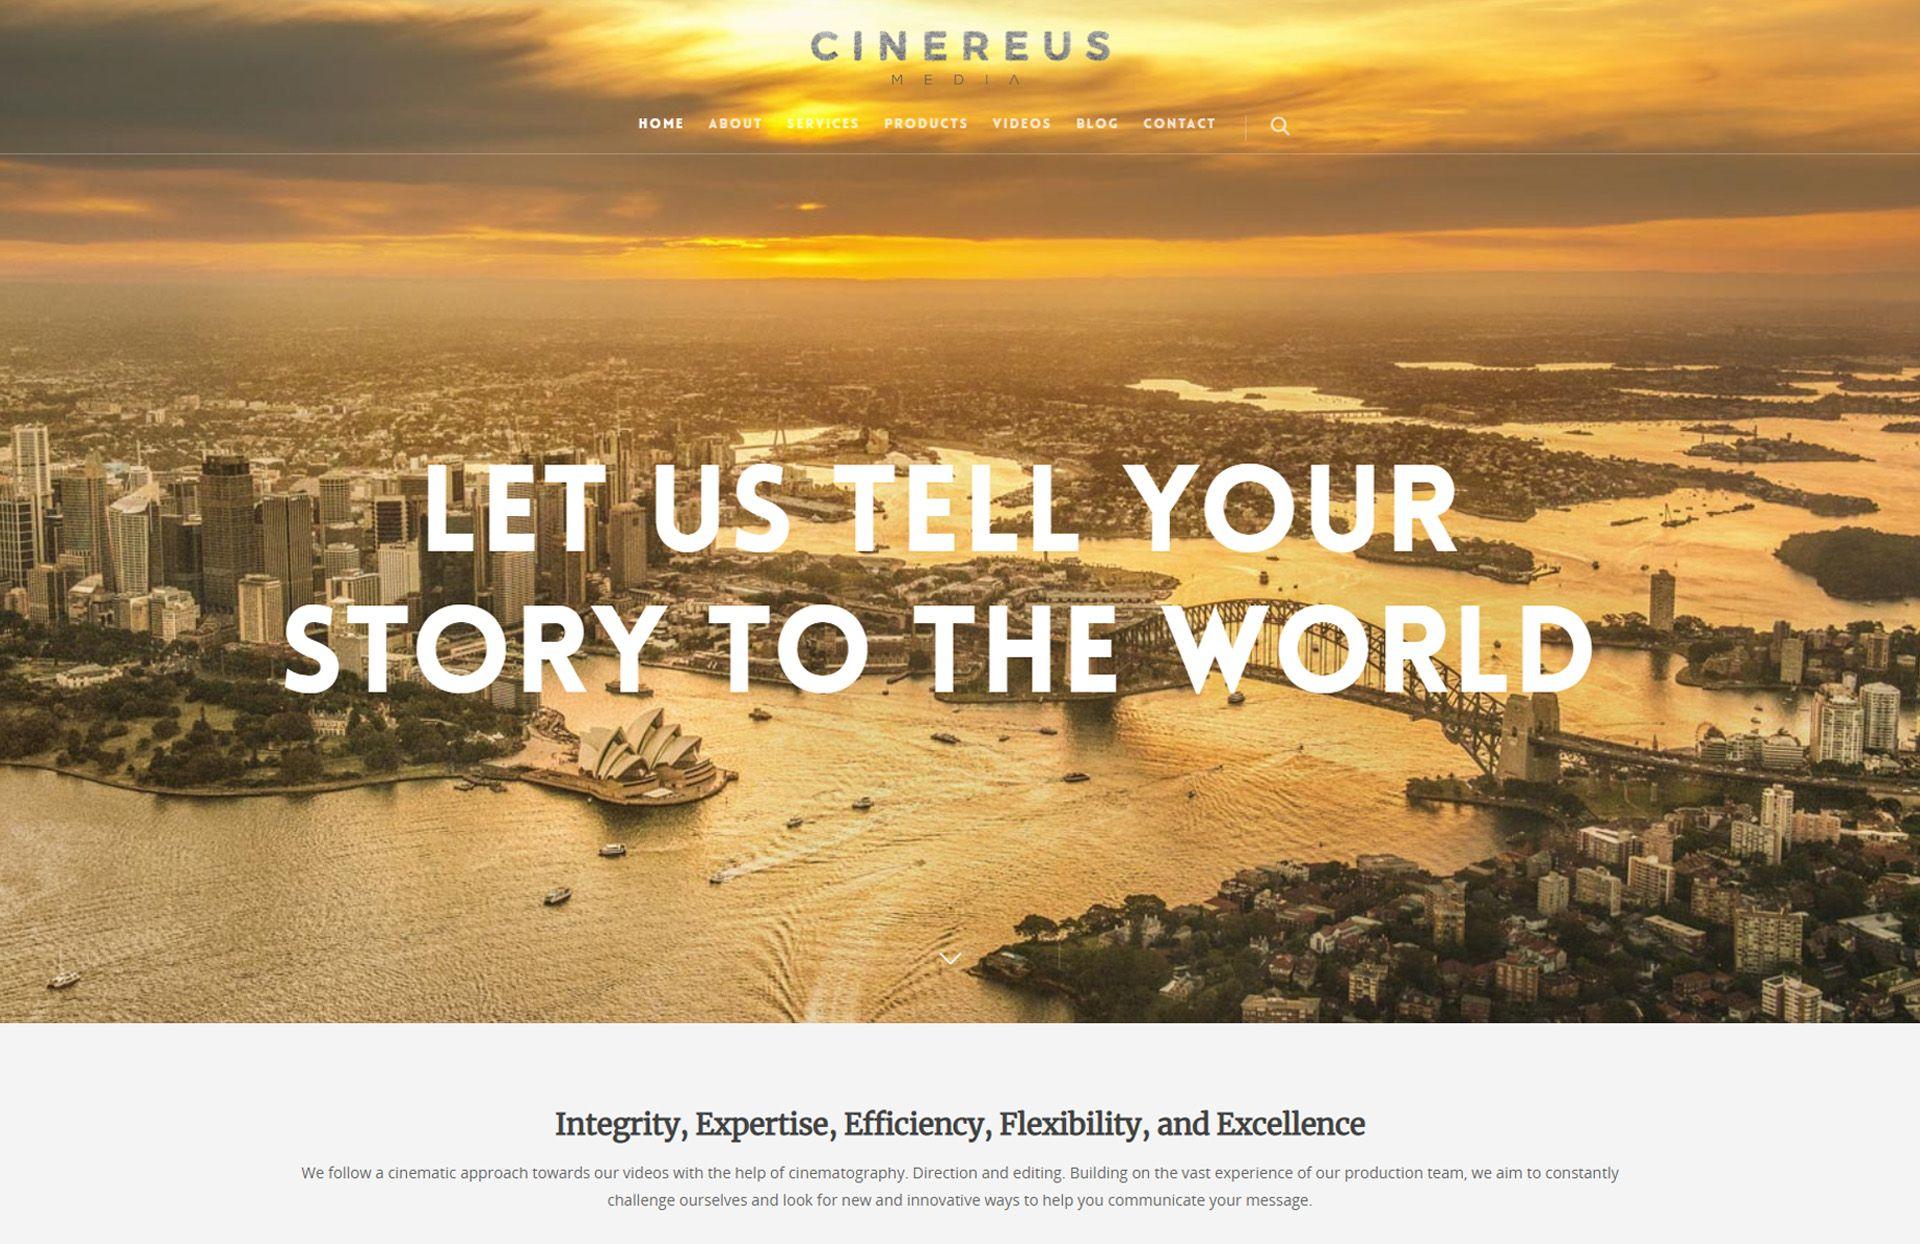 cinereus media - WebGlobals